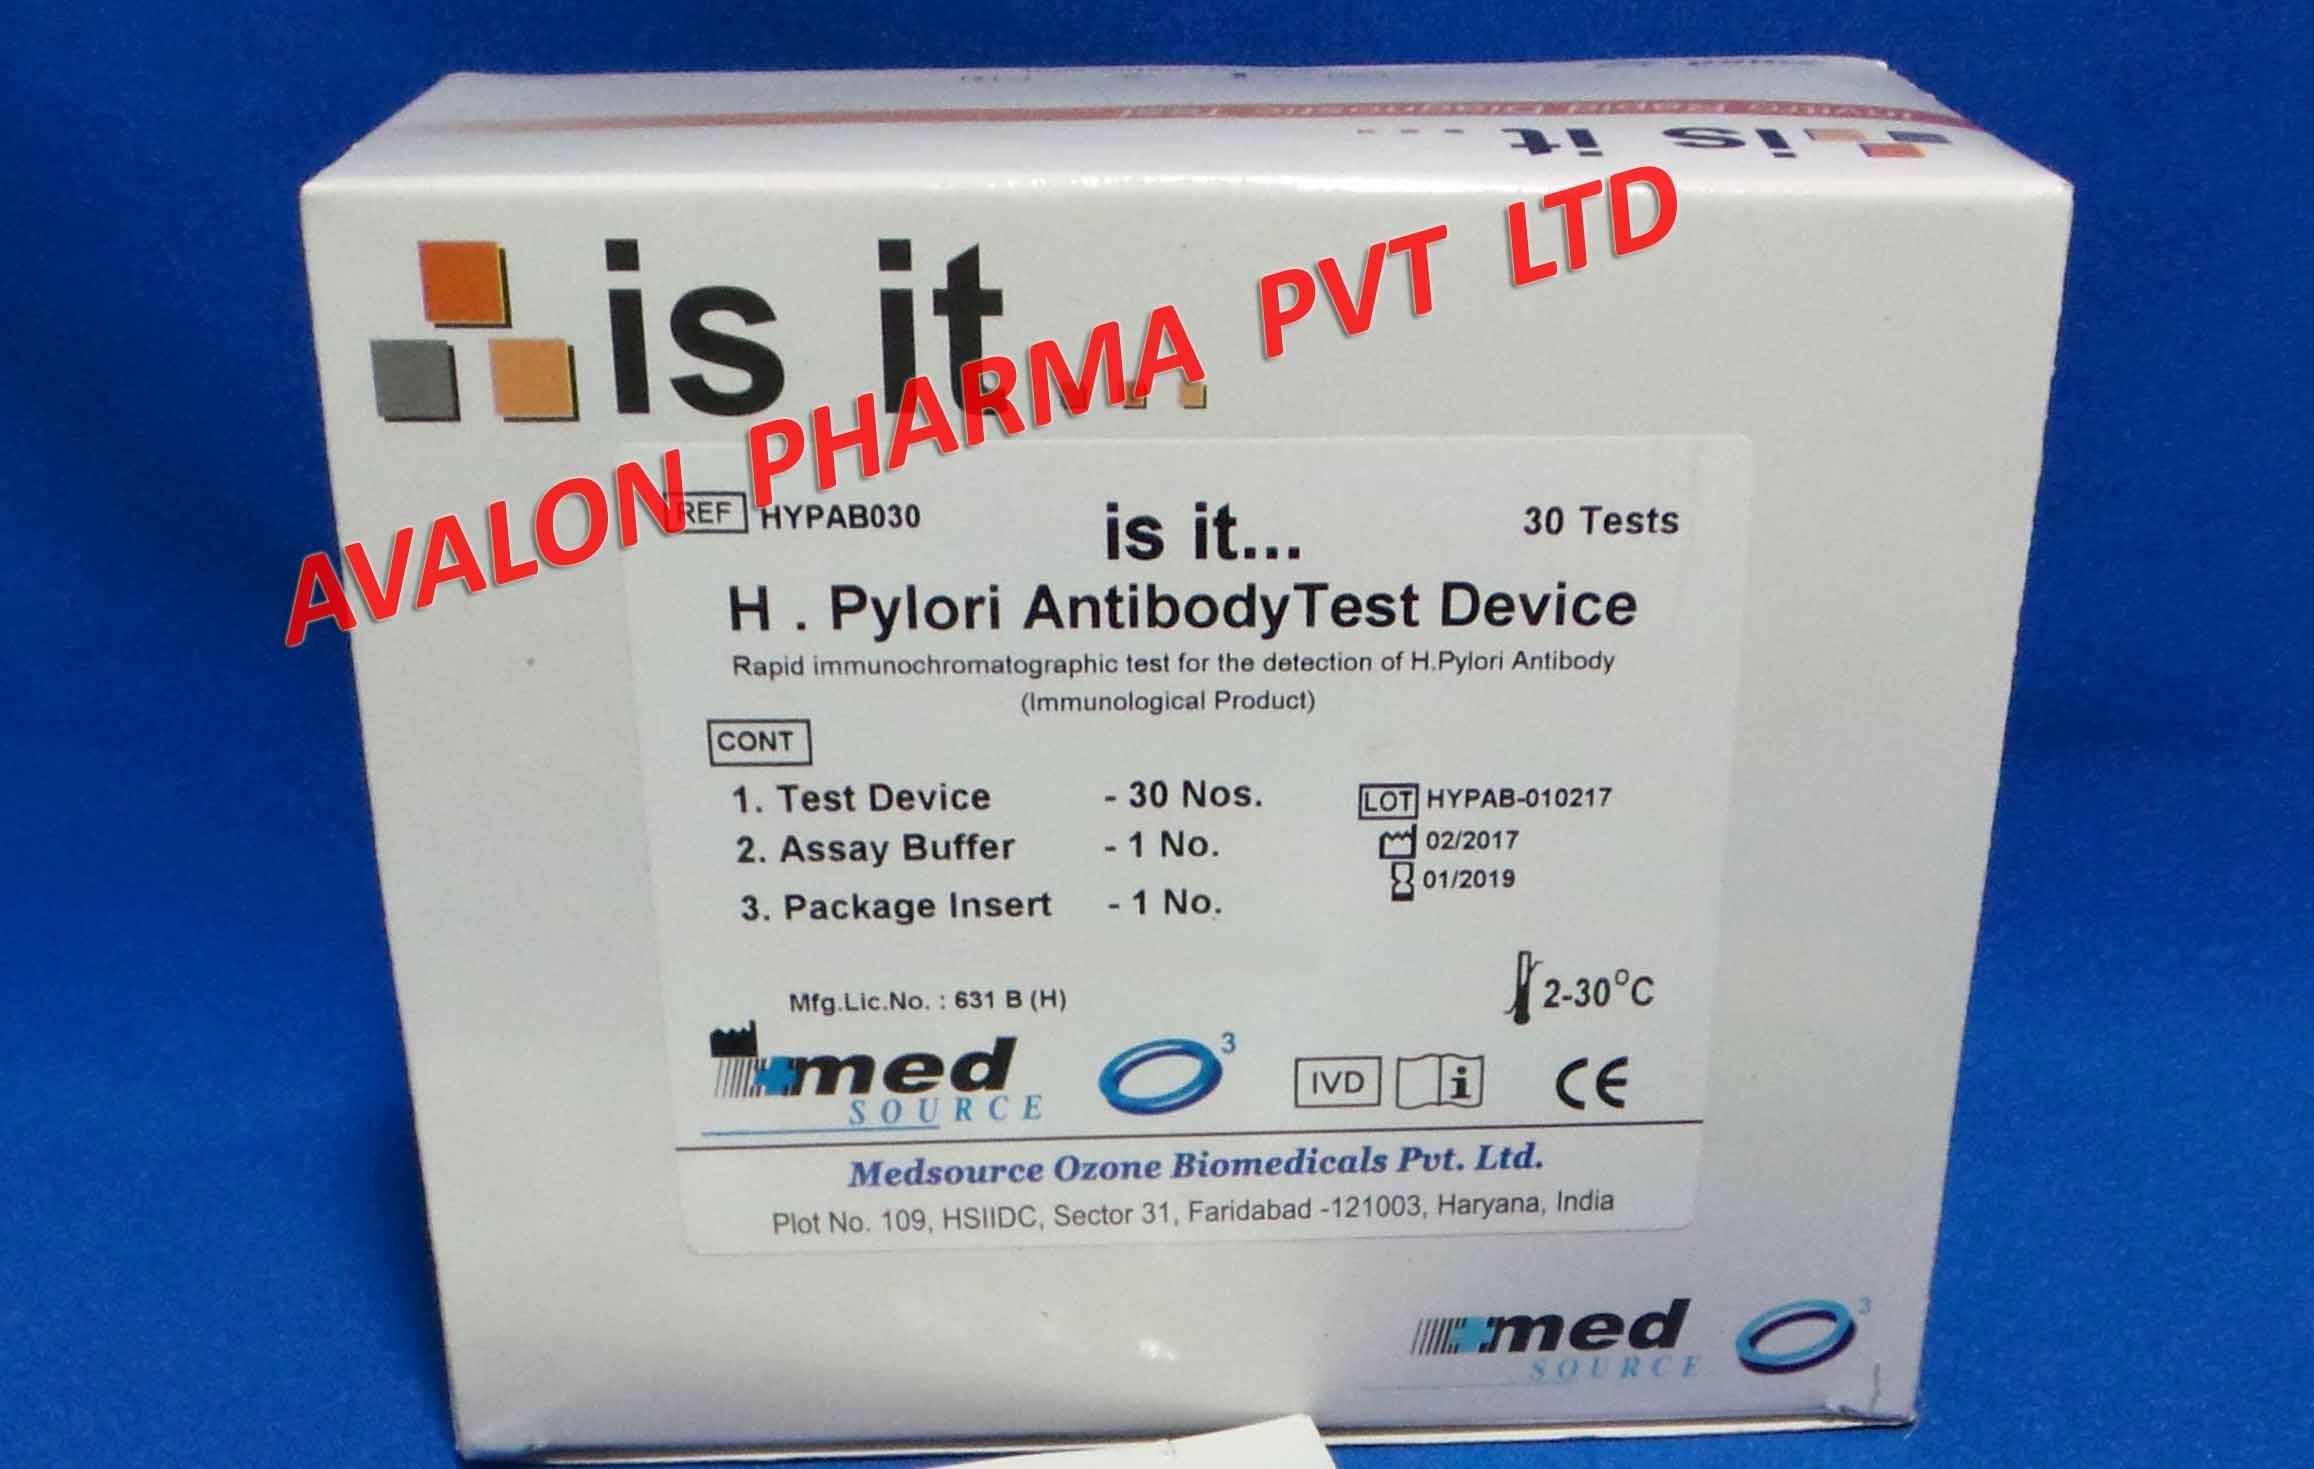 H. Pylori Anitbody test kit